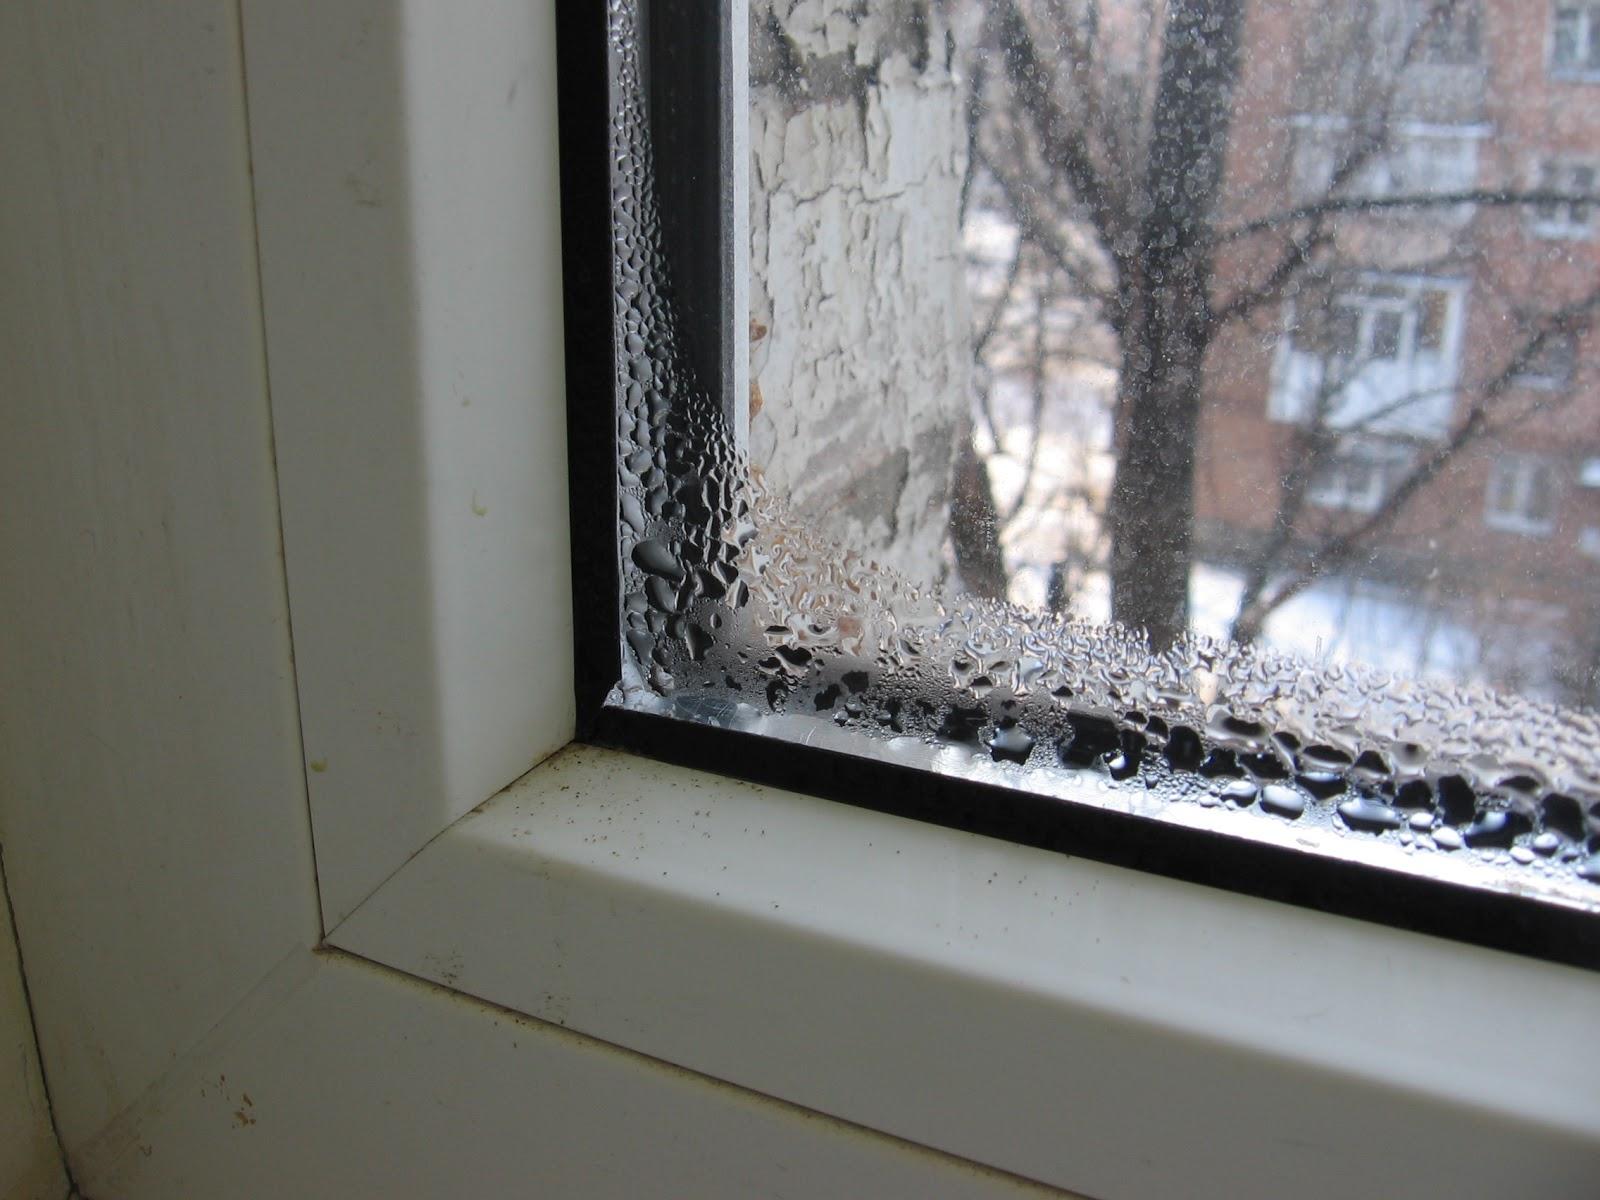 Почему лопнул стеклопакет в мороз